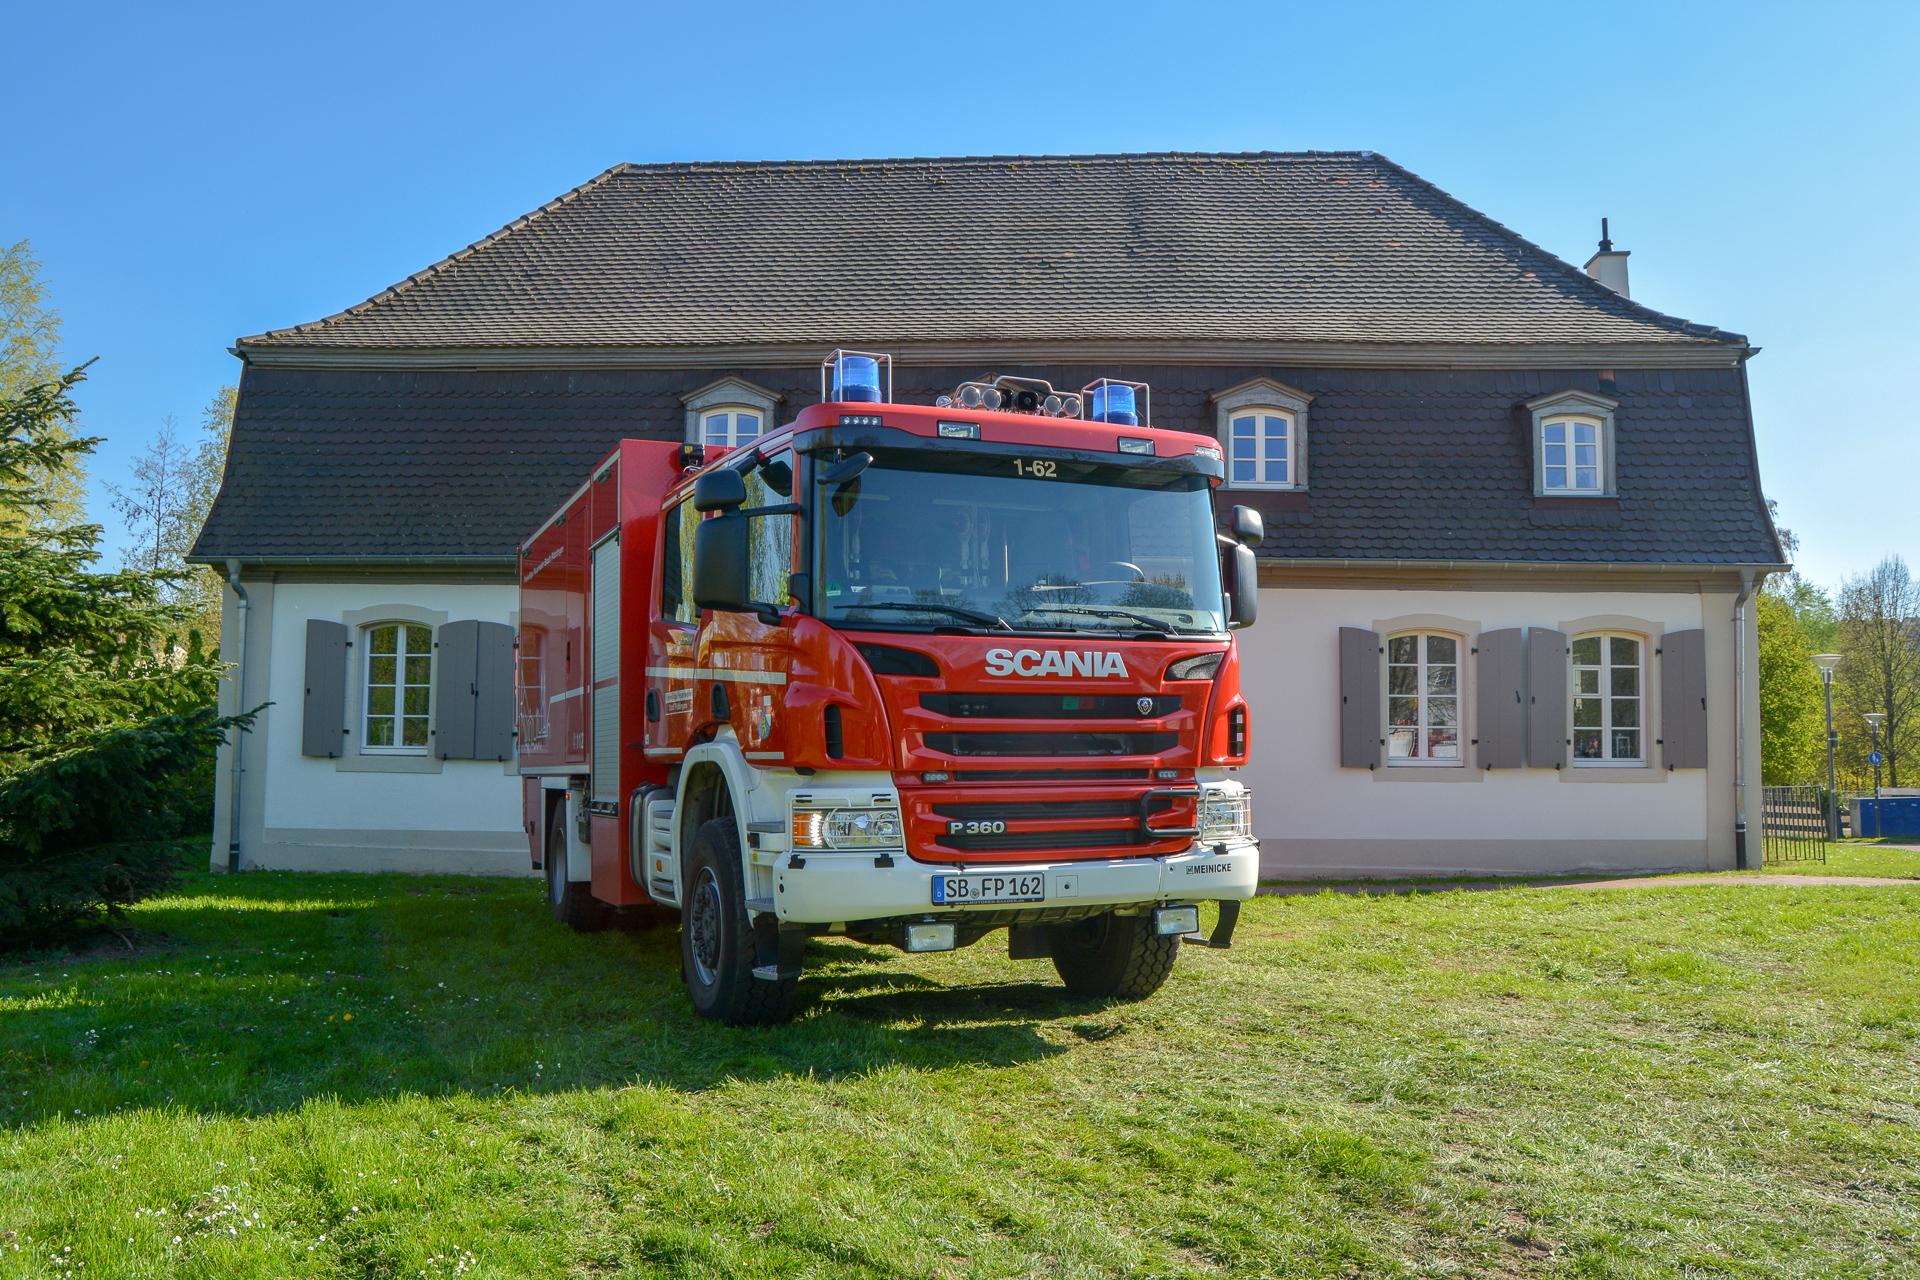 GW-L2 – Freiwillige Feuerwehr der Stadt Püttlingen